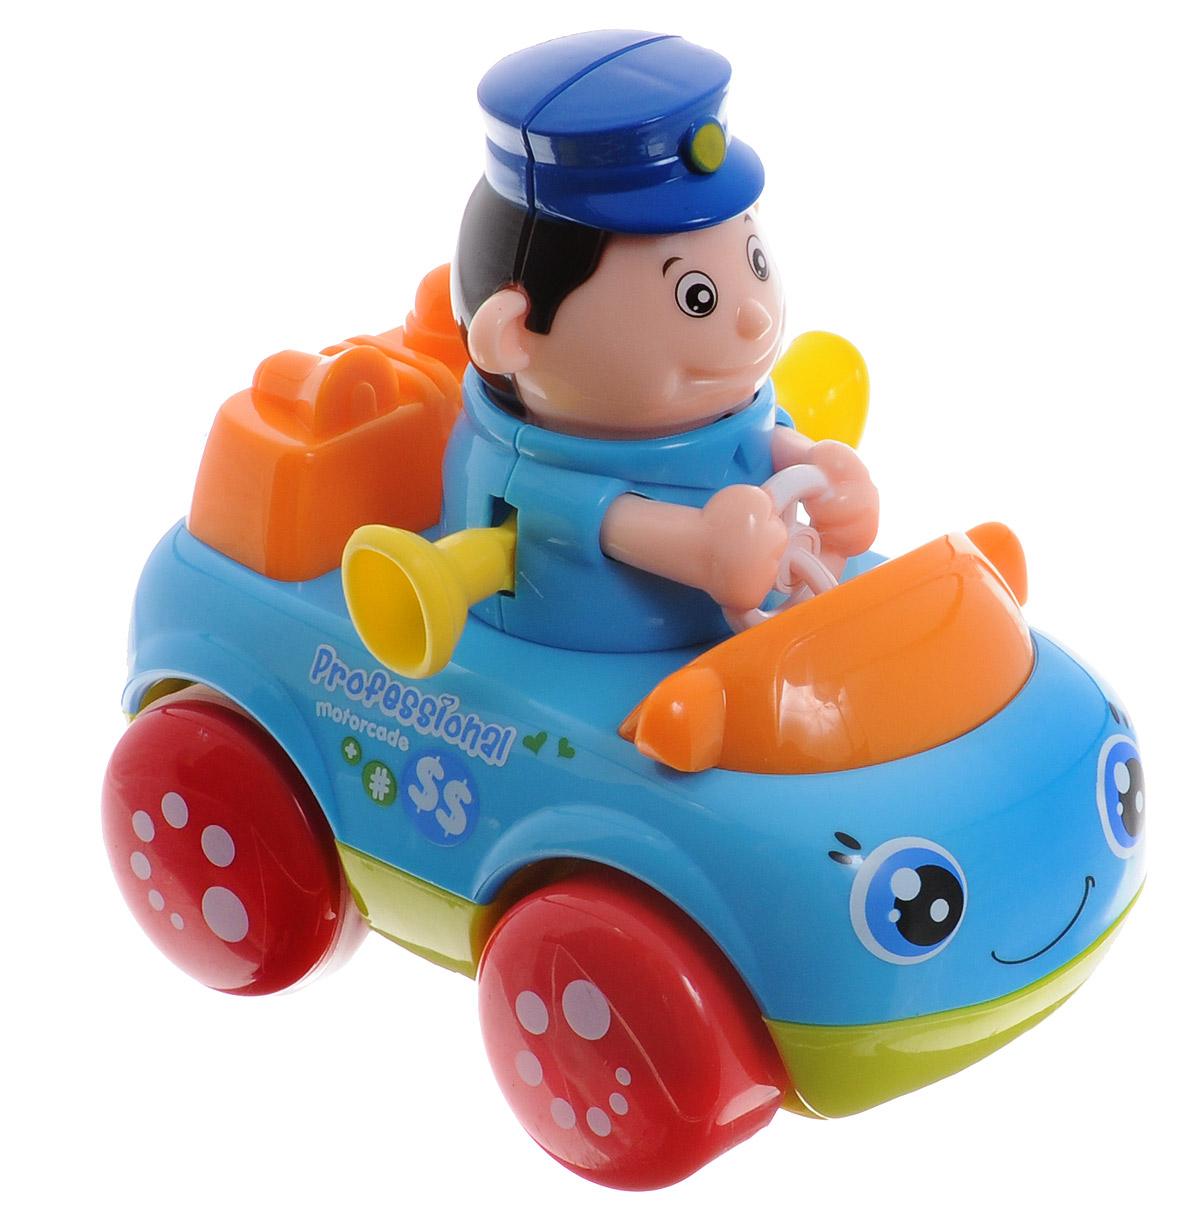 Huile Toys Машинка инерционная Полицейский356С_полицияЯркая инерционная машинка Huile Toys Полицейский привлечет внимание вашего малыша и не позволит ему скучать! Выполненная из безопасного пластика с элементами из металла, игрушка представляет собой забавную машинку с водителем в виде полицейского. Округлые, без острых углов, формы гарантируют безопасность даже самым маленьким. Игрушка оснащена инерционным механизмом. Для запуска установите игрушку на ровную поверхность, подтолкните вперед и отпустите, игрушка продолжит движение. Во время движения фигурка забавно качает головой. Игрушка поможет ребенку в развитии воображения, мелкой моторики рук и цветового восприятия.